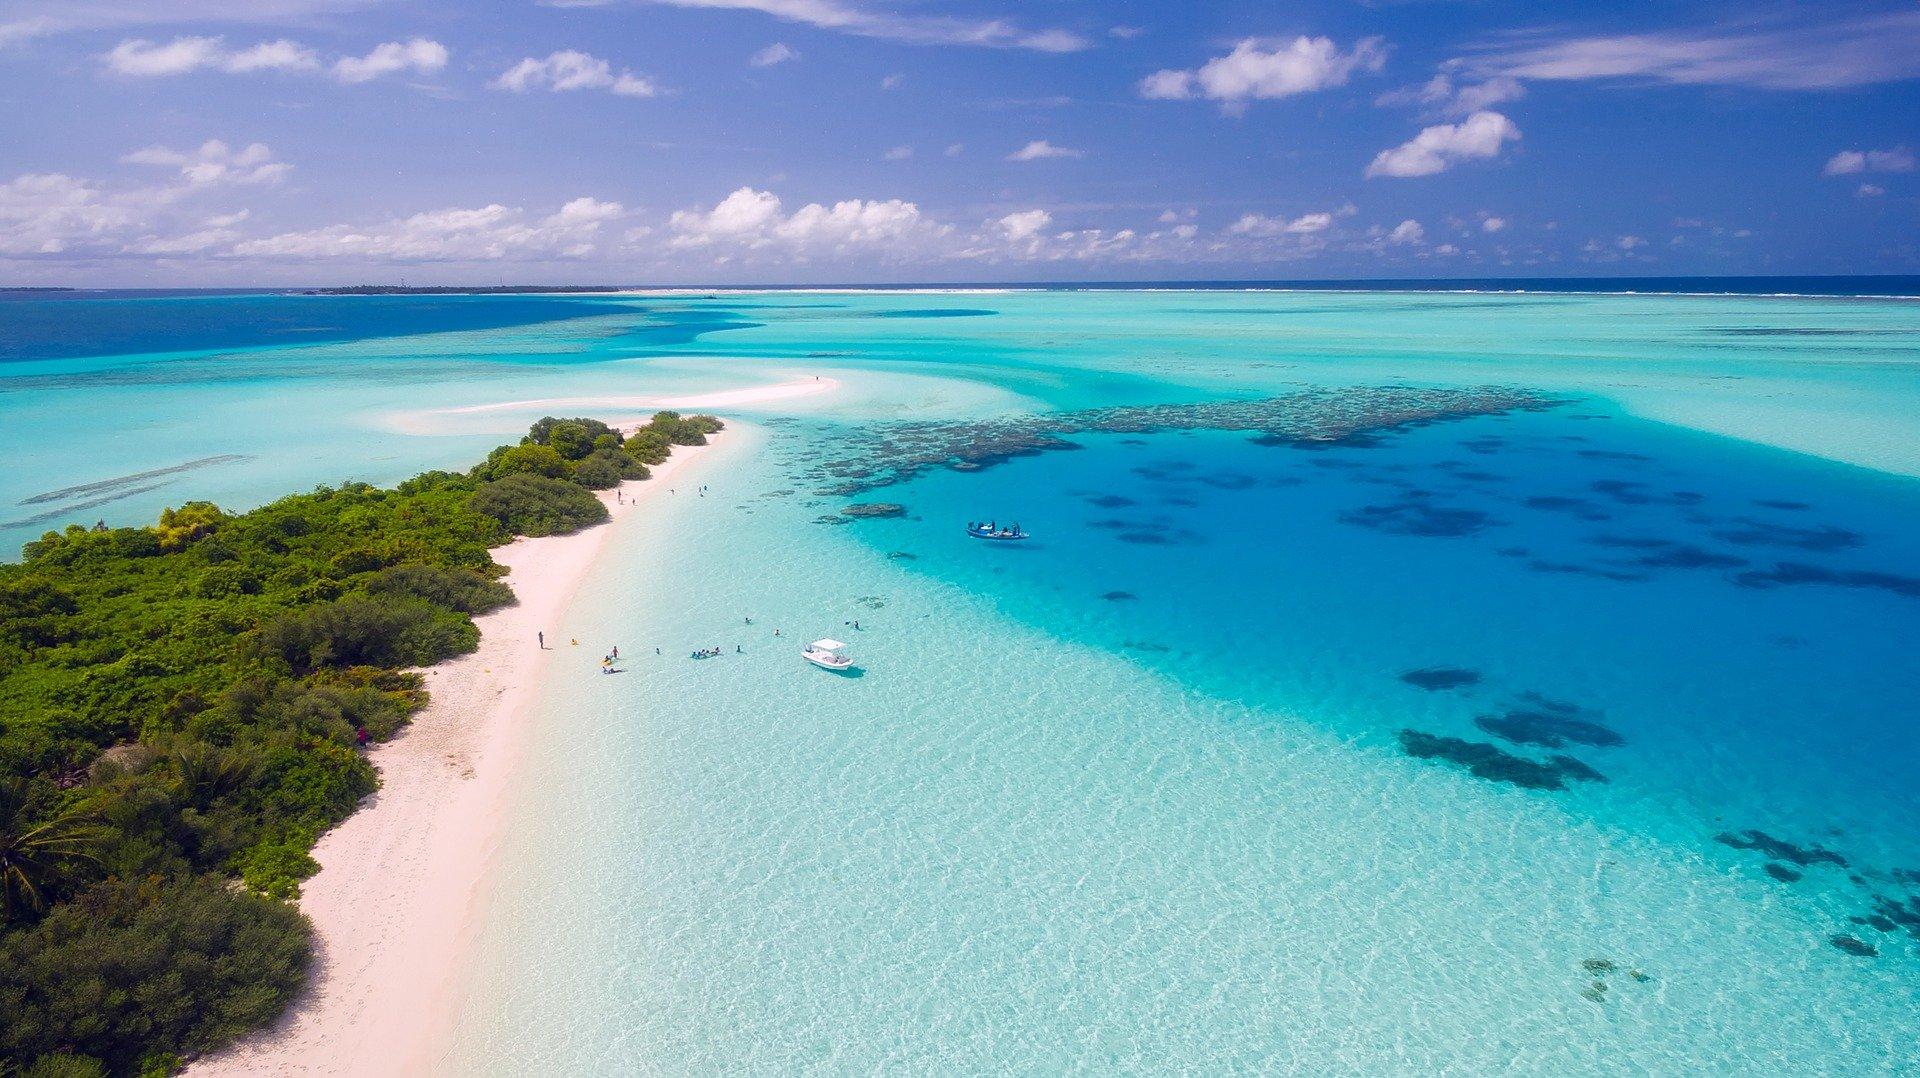 هل المالديف غالية اعرف ميزانية و أسعار المالديف ترافيل ديف Traveldiv